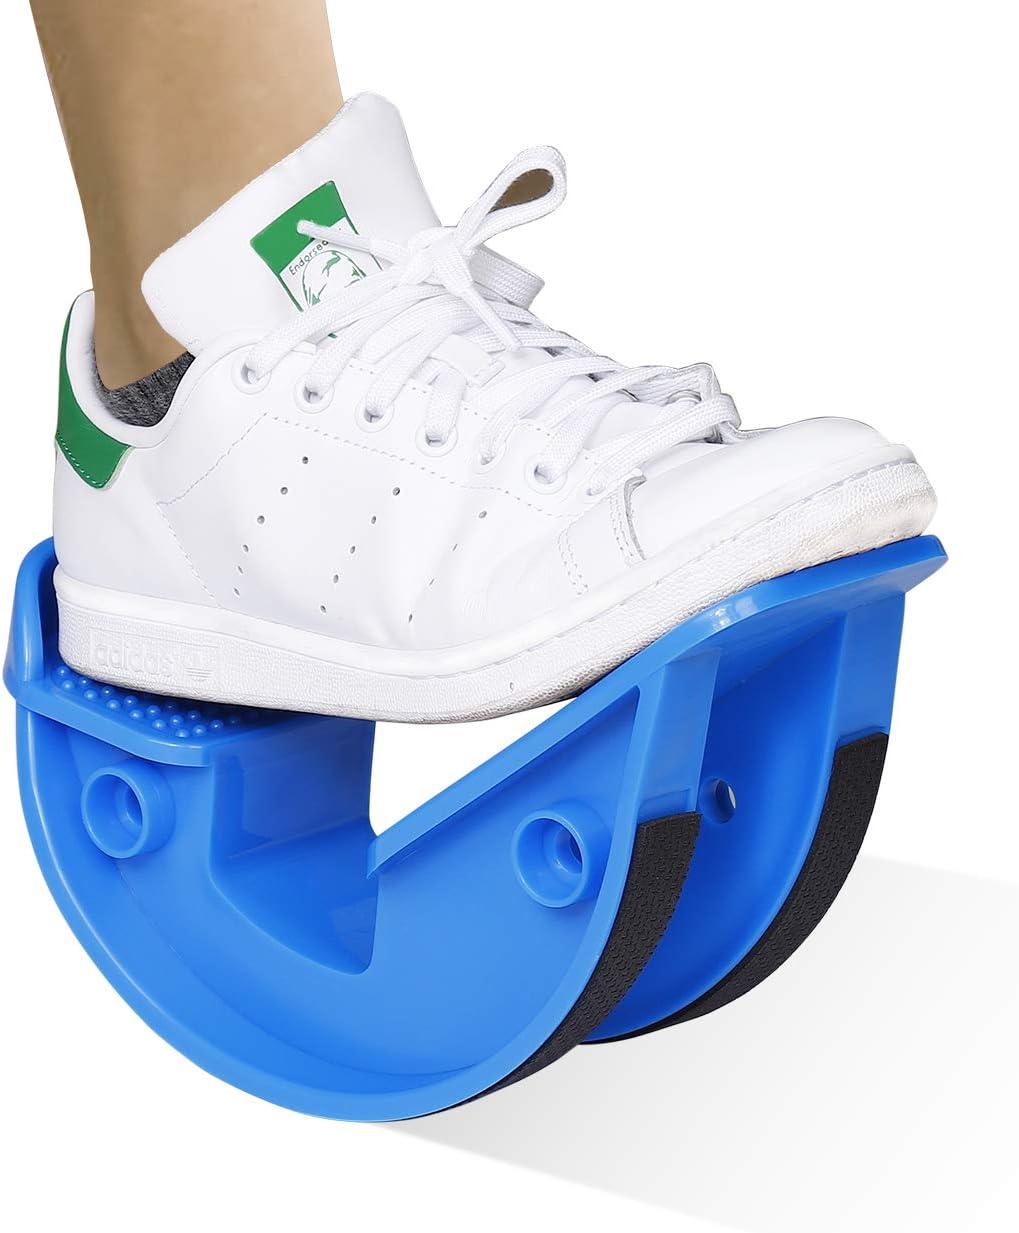 Pedal de Fitness Tendinitis de Aquiles, Talón, Alivio del Dolor de Fascitis Plantar, Excelente para Atletas Fisioterapia